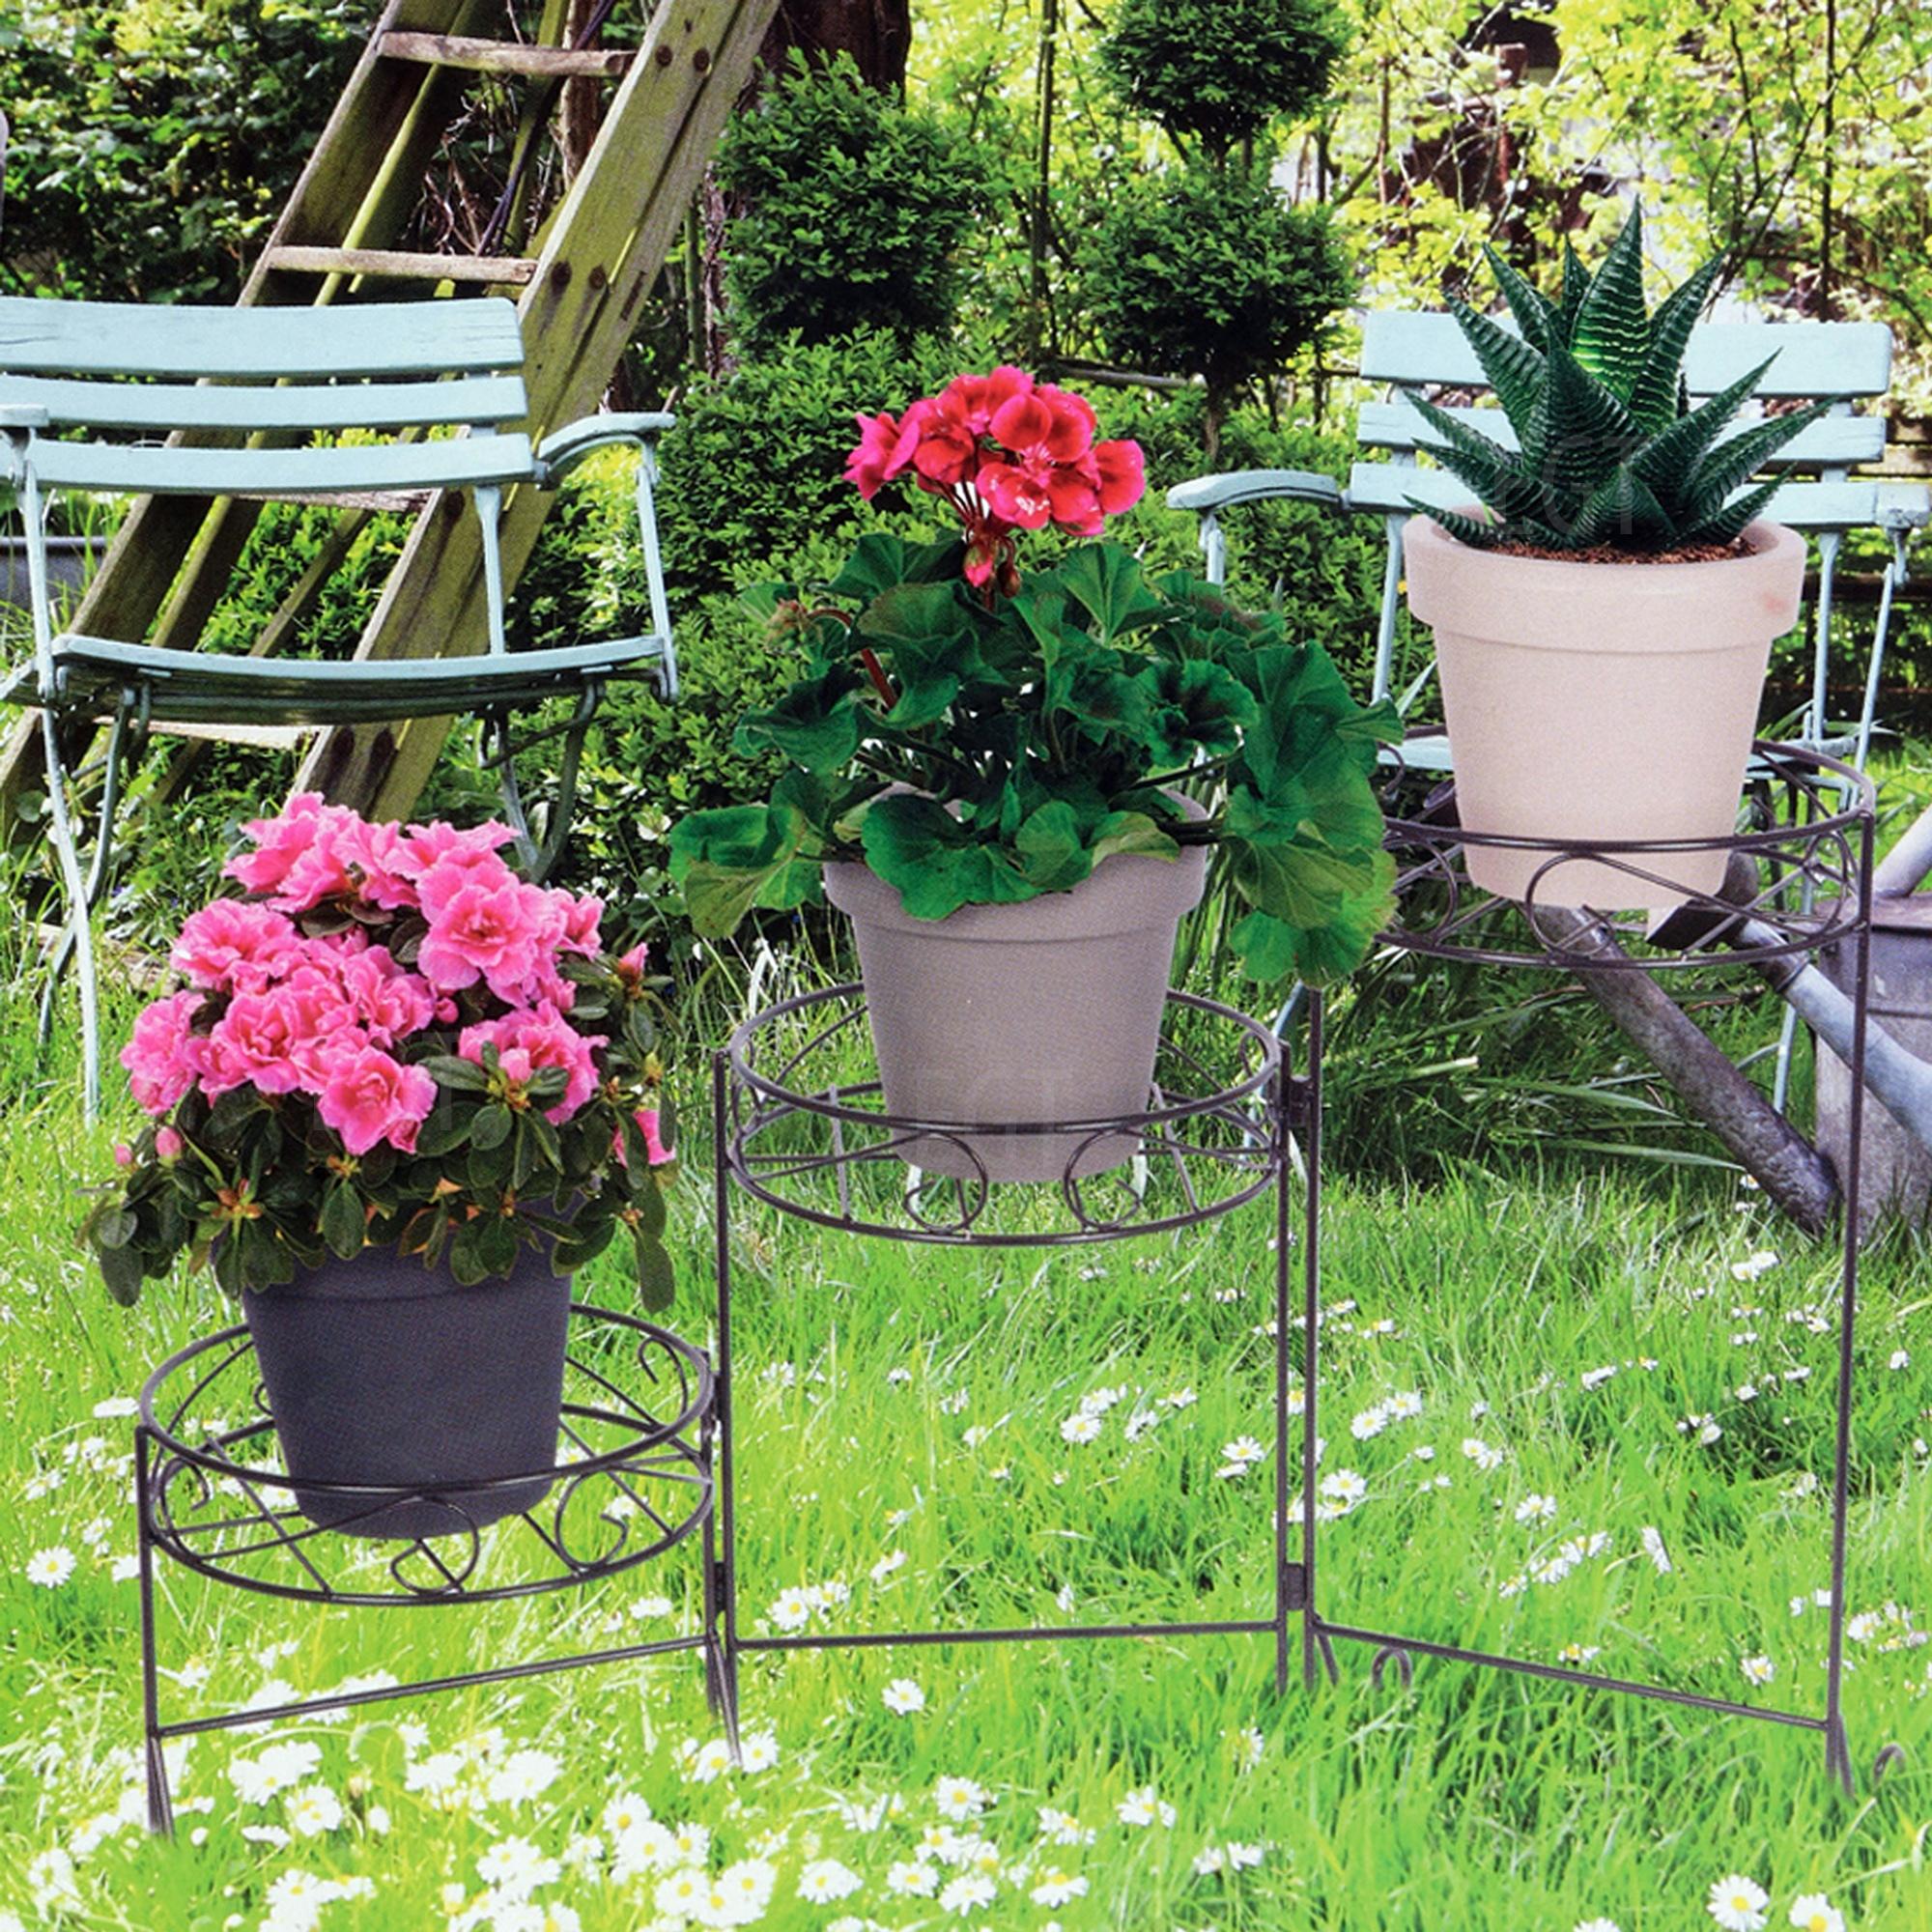 3 Tier Metal Plant Stand Garden Flowers Greenery Rustproof Patio